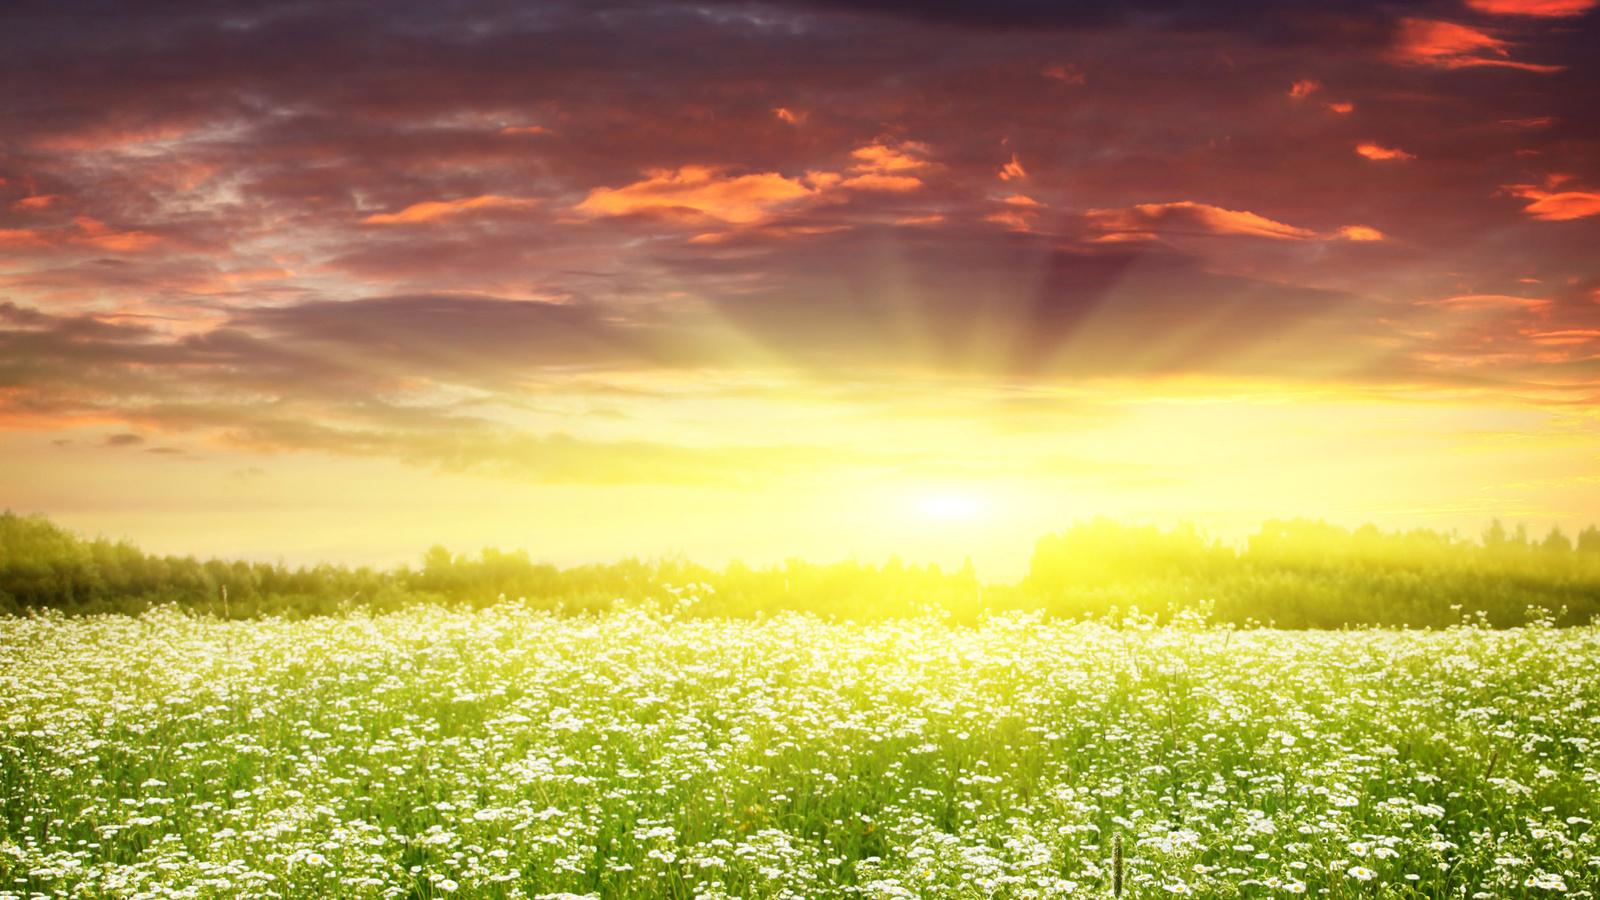 Картинка с небом и солнцем, красивые фото